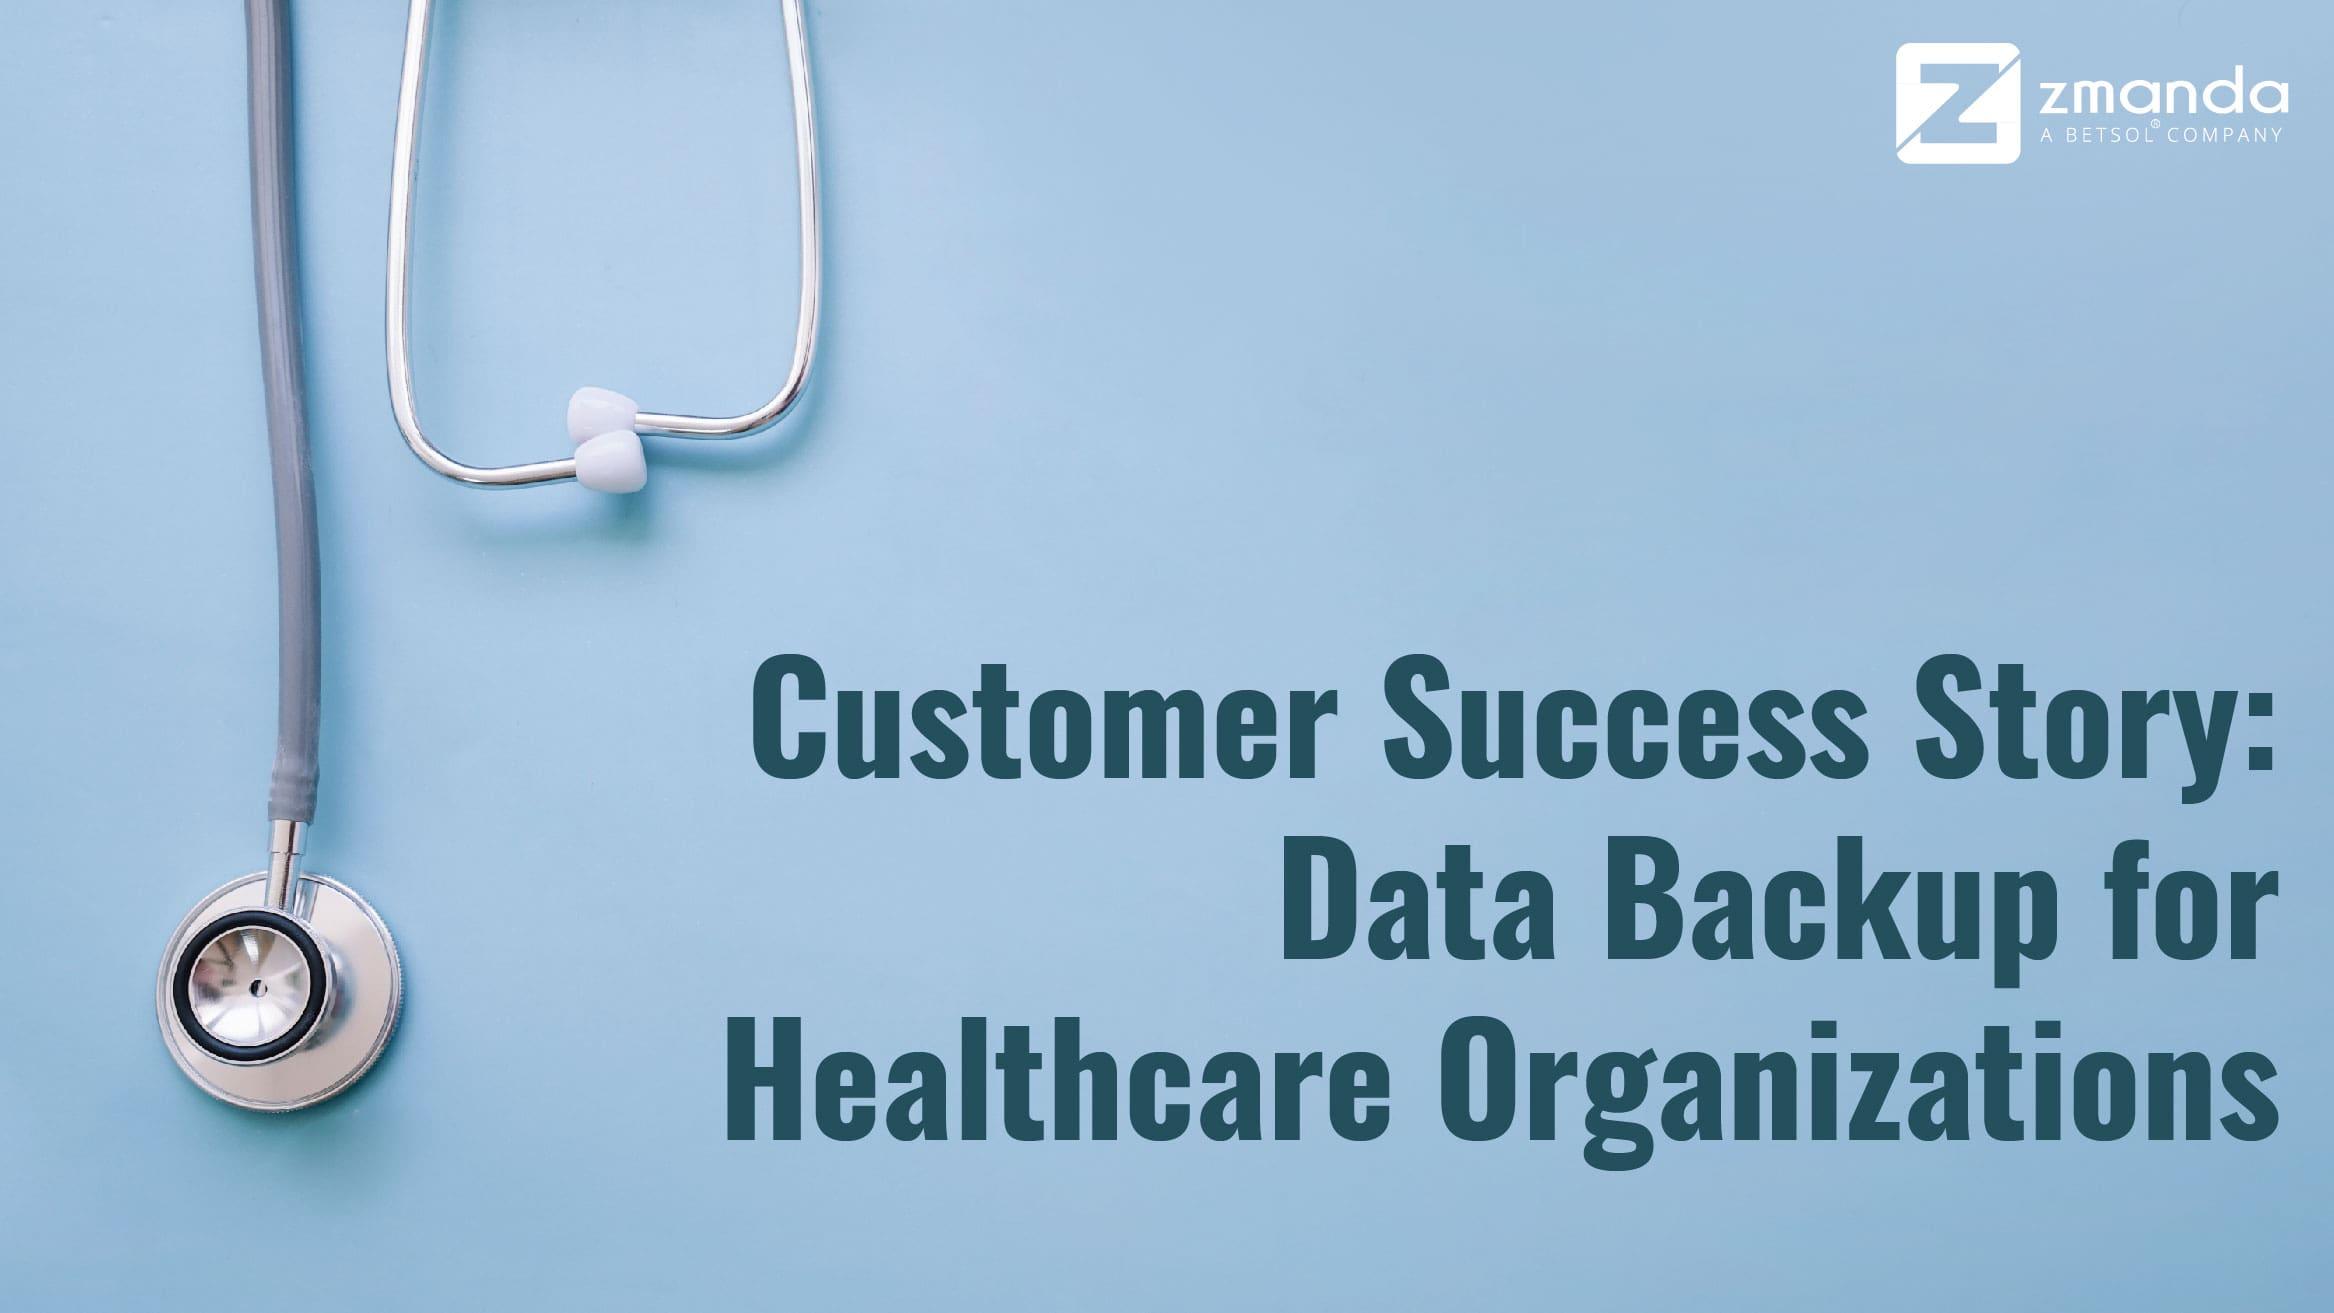 Kisah Sukses Pelanggan: Pencadangan Data untuk Organisasi Perawatan Kesehatan